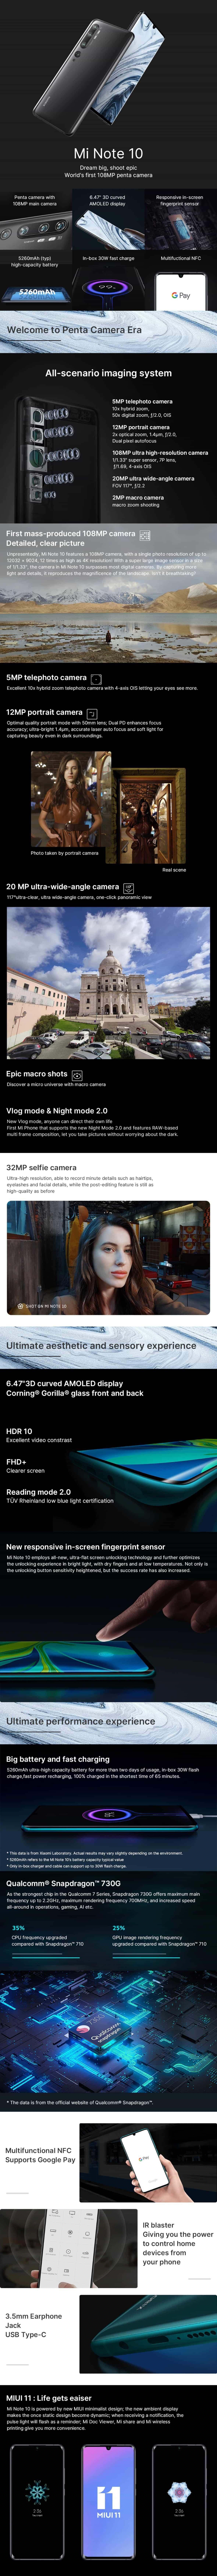 Prezentare-Xiaomi-Mi-Note-107edadfce4cc98135.jpg